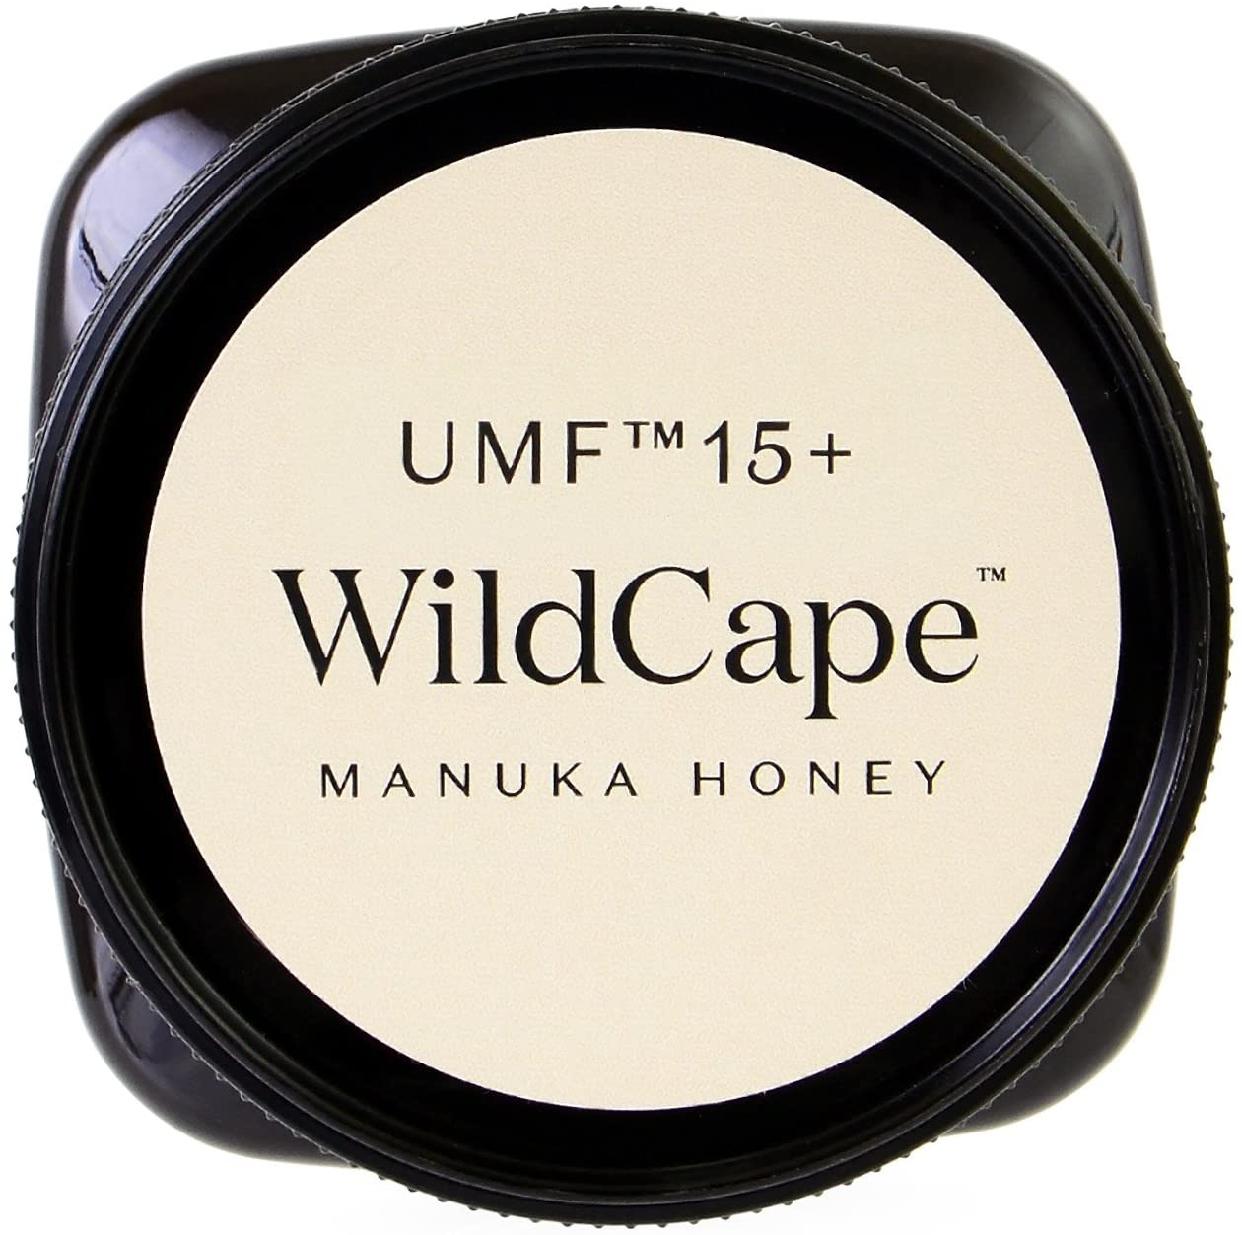 Wild Cape(ワイルドケープ) マヌカハニー UMF 15+ MGO 550+の商品画像7